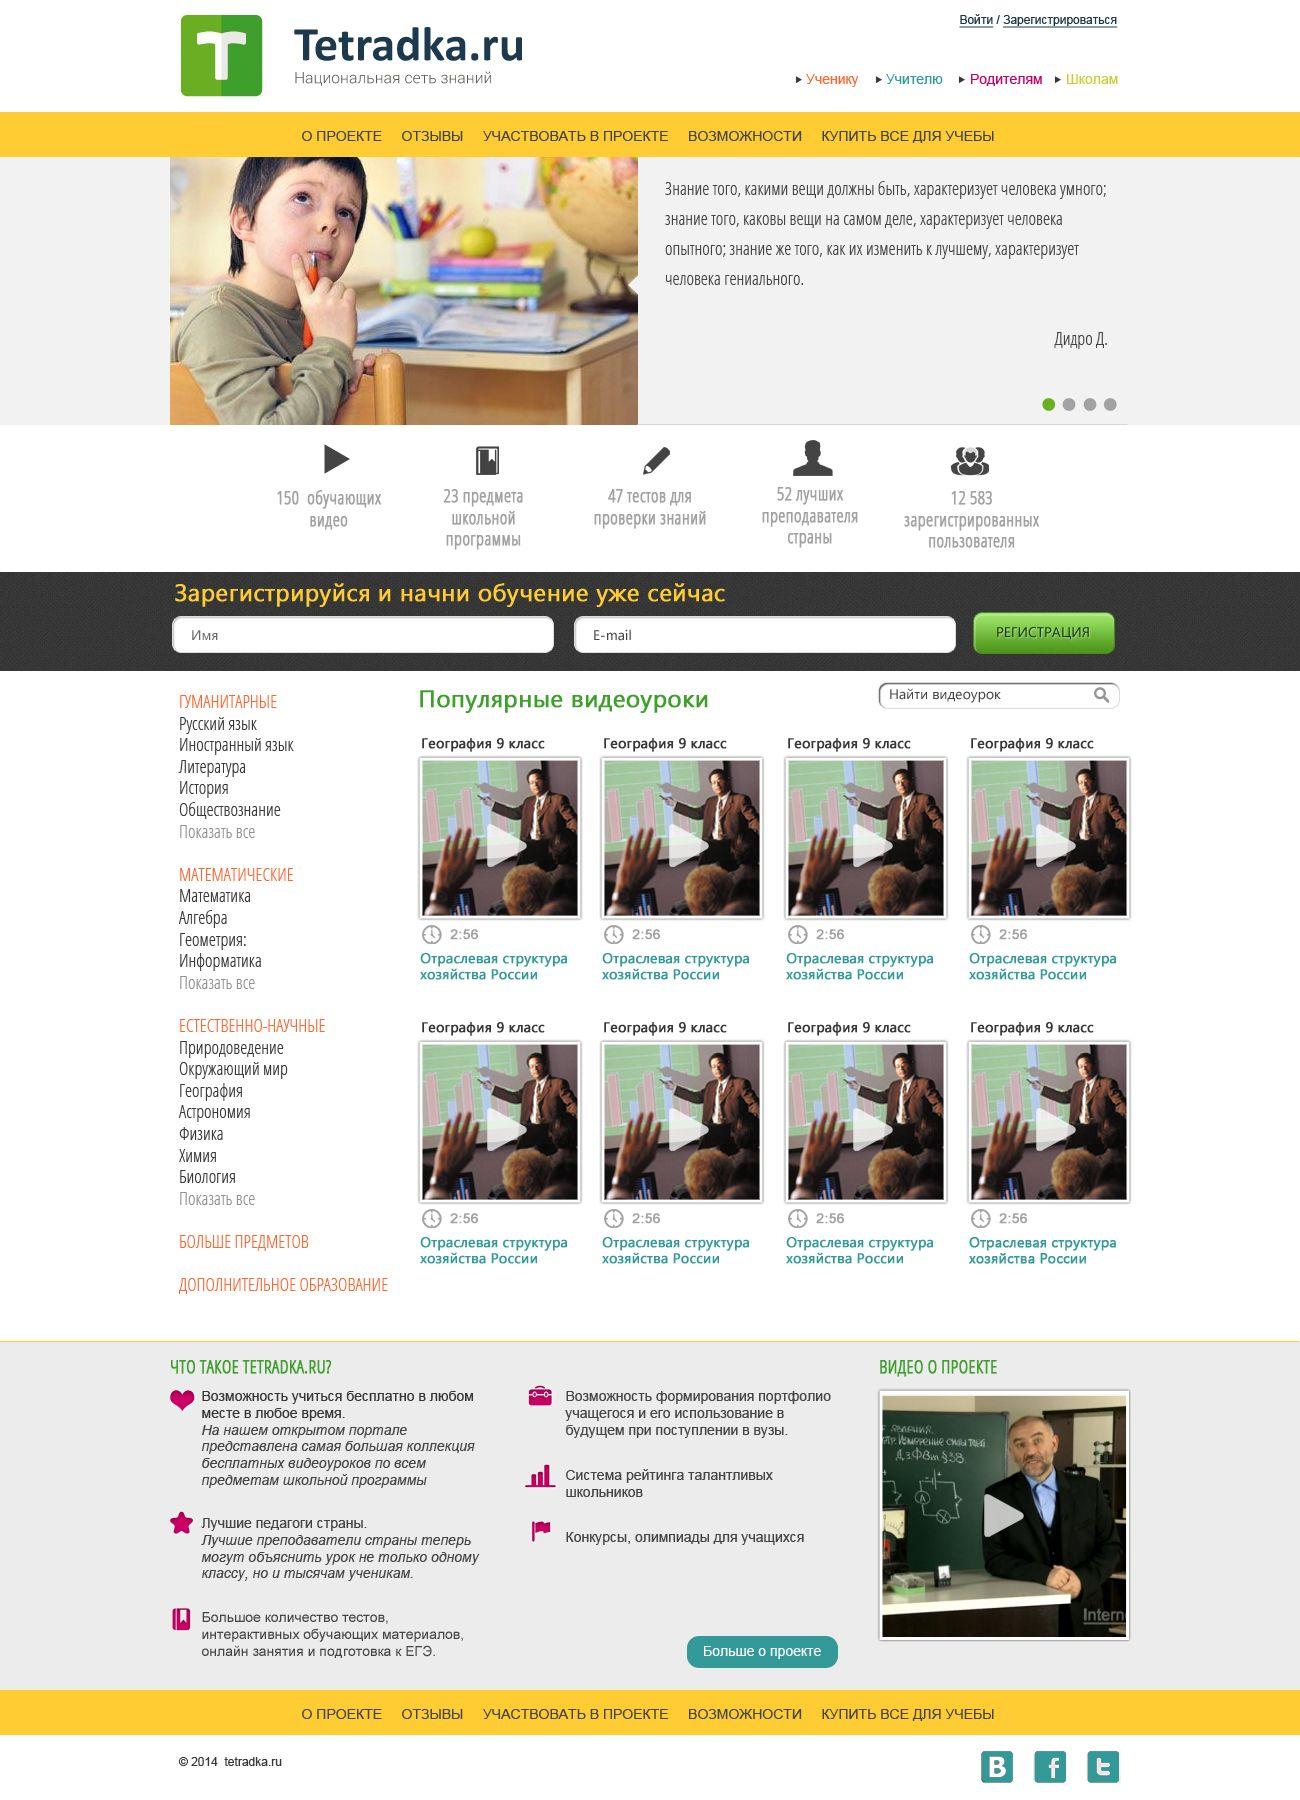 Главная страница образовательной сети tetradka.ru - дизайнер Proliska